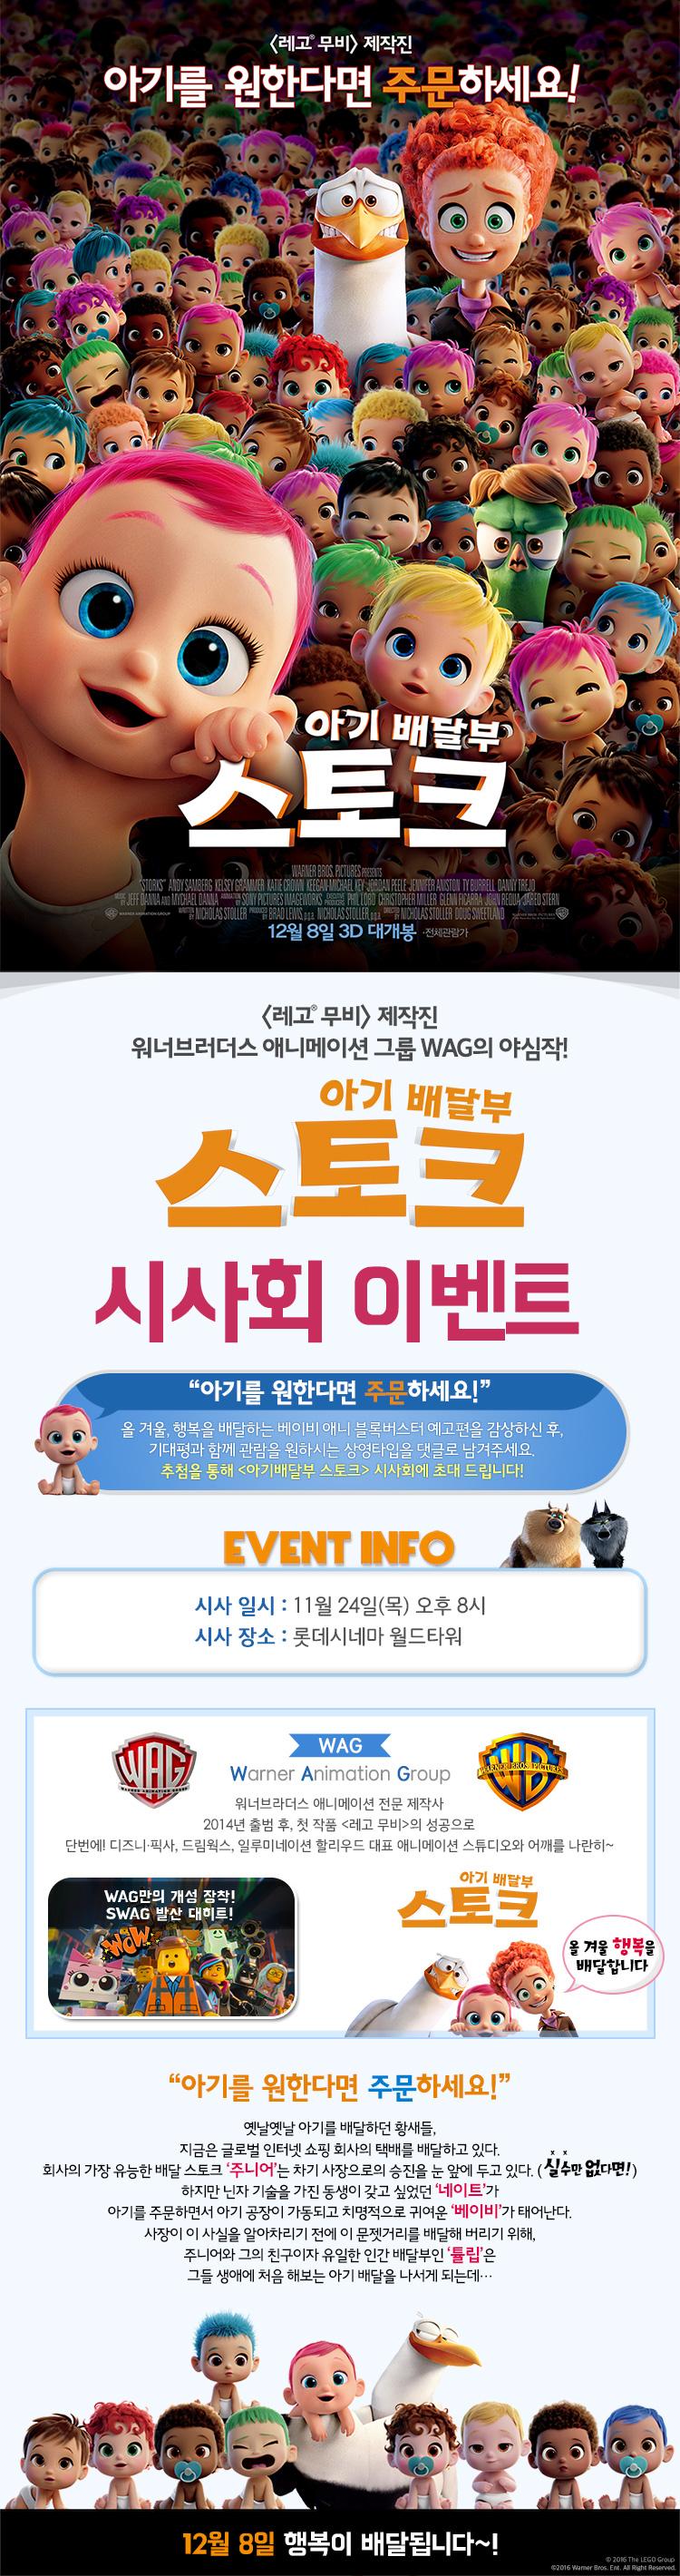 아기배달부스토크_시사회_롯데시네마.jpg